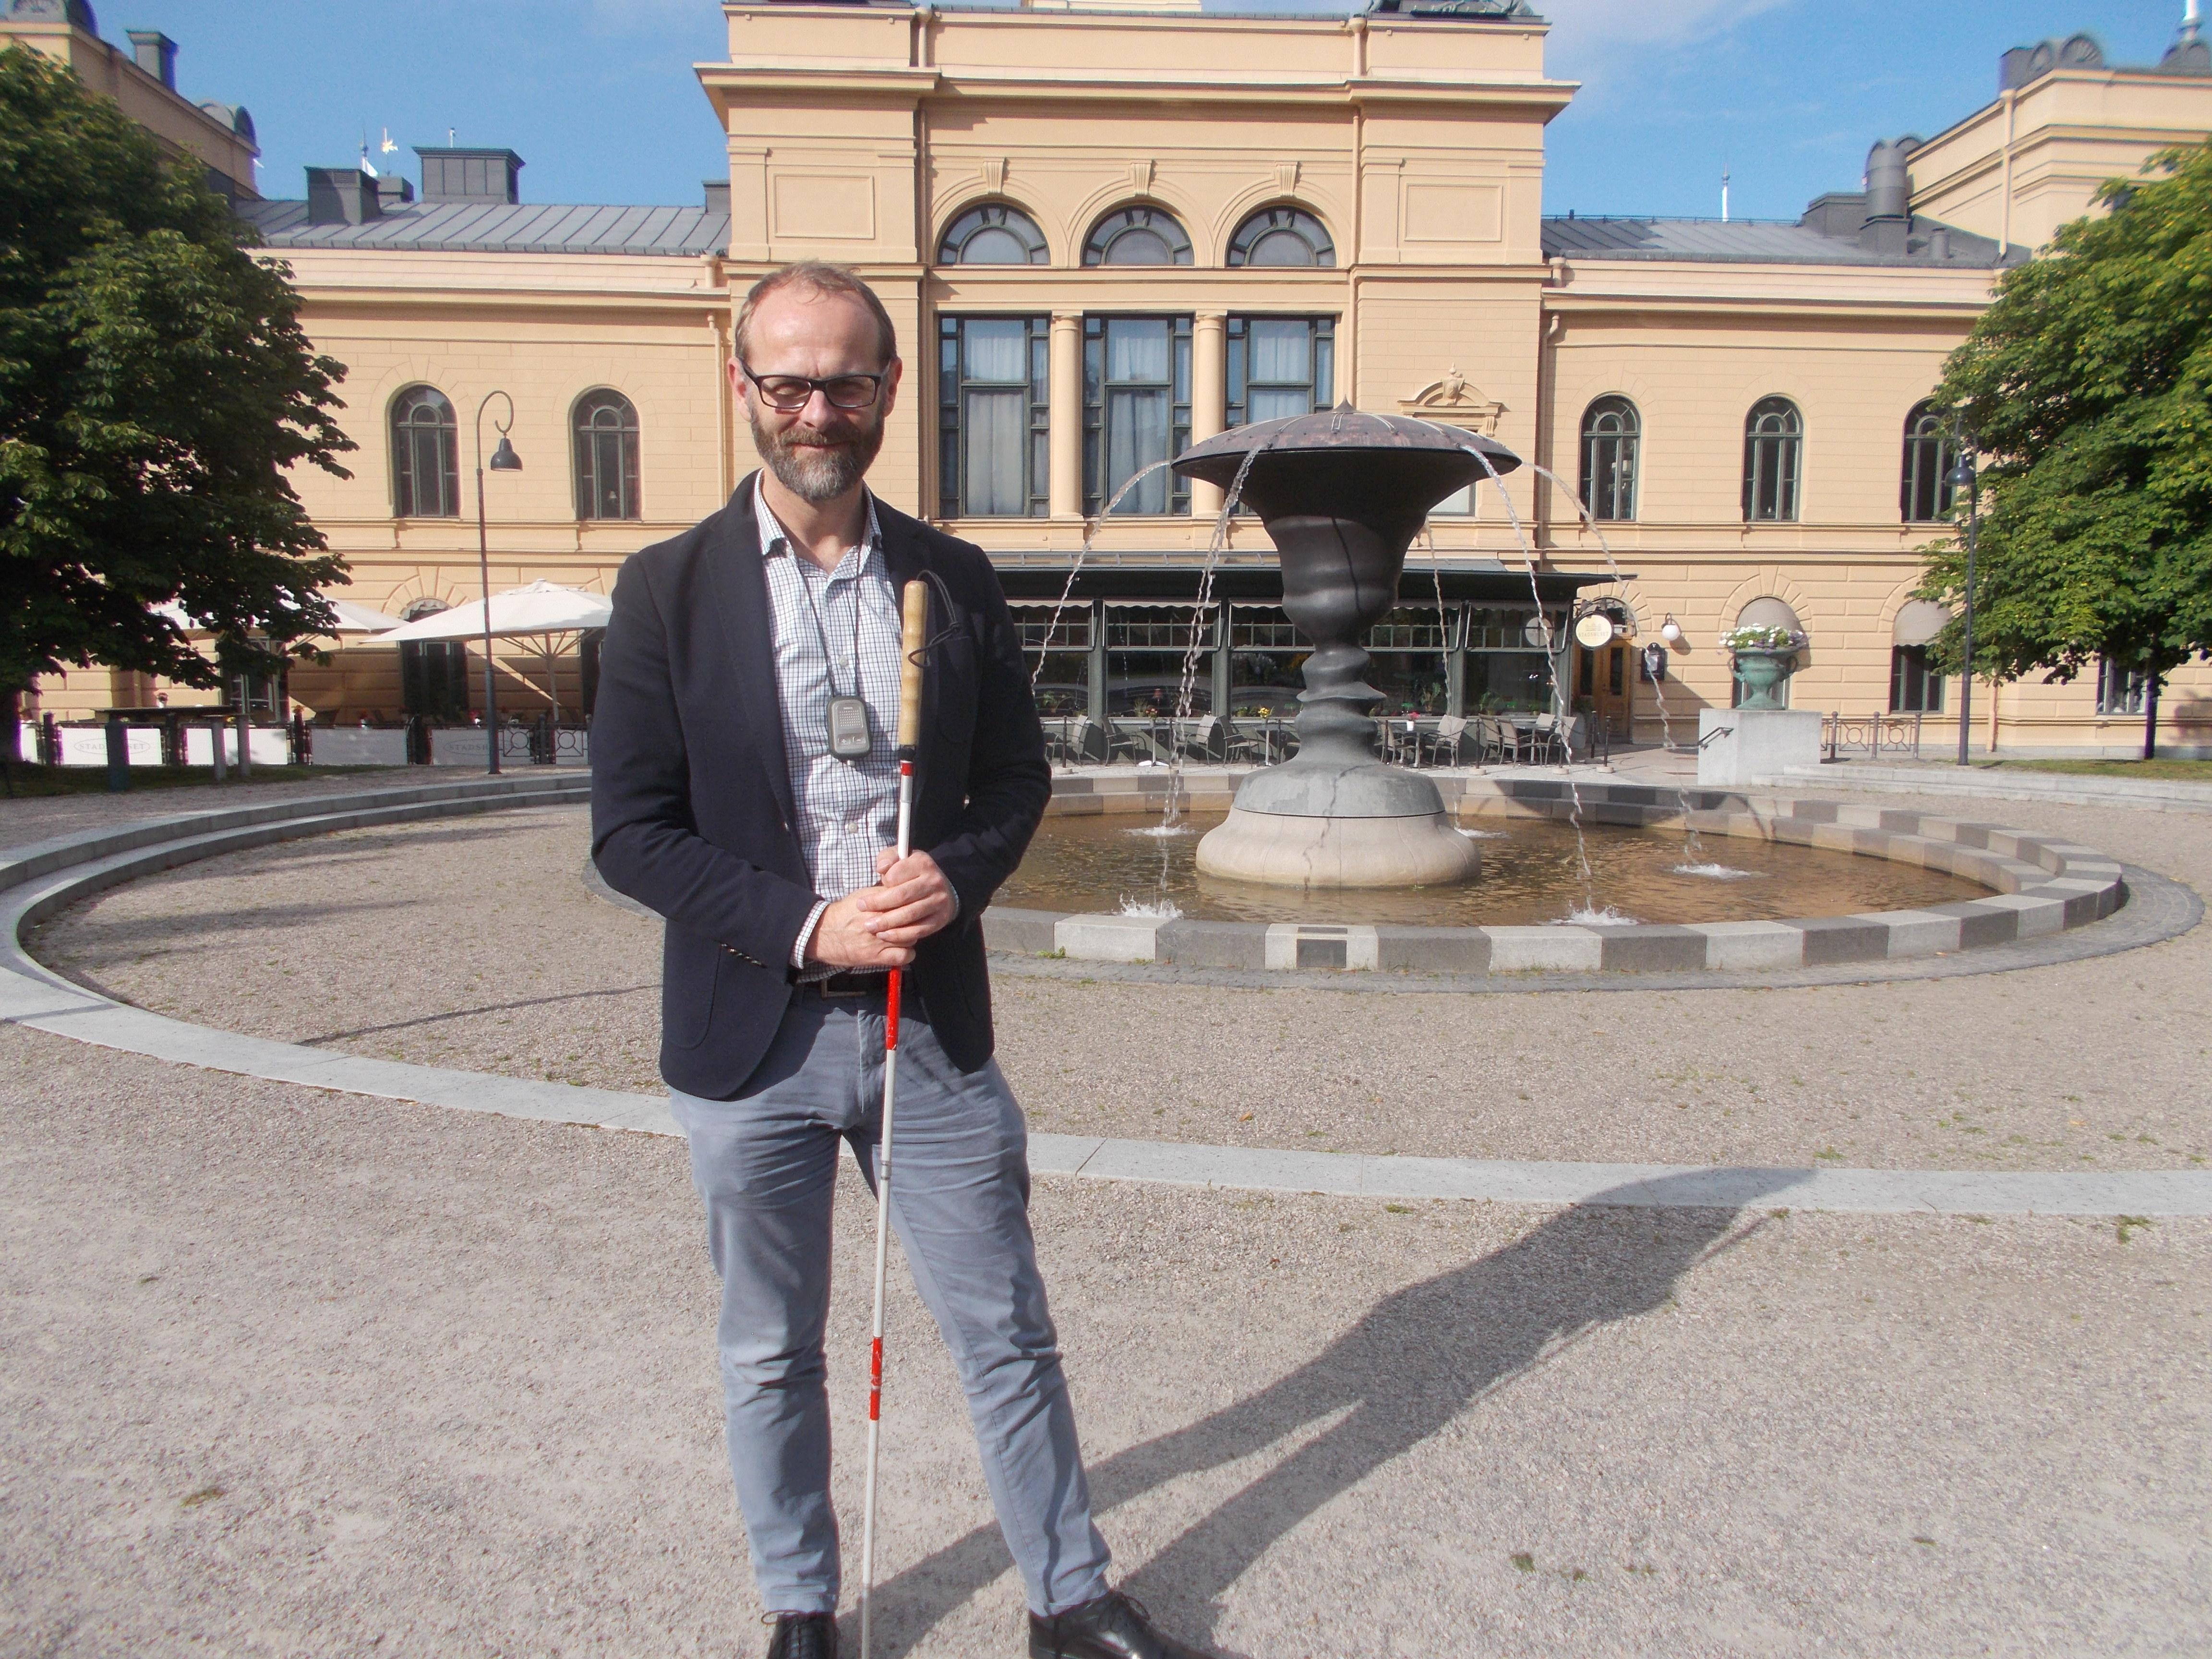 Klas står vid fontänen vid Sundsvalls Stadshus. Han har den vita käppen med röda markeringar i ena handen.